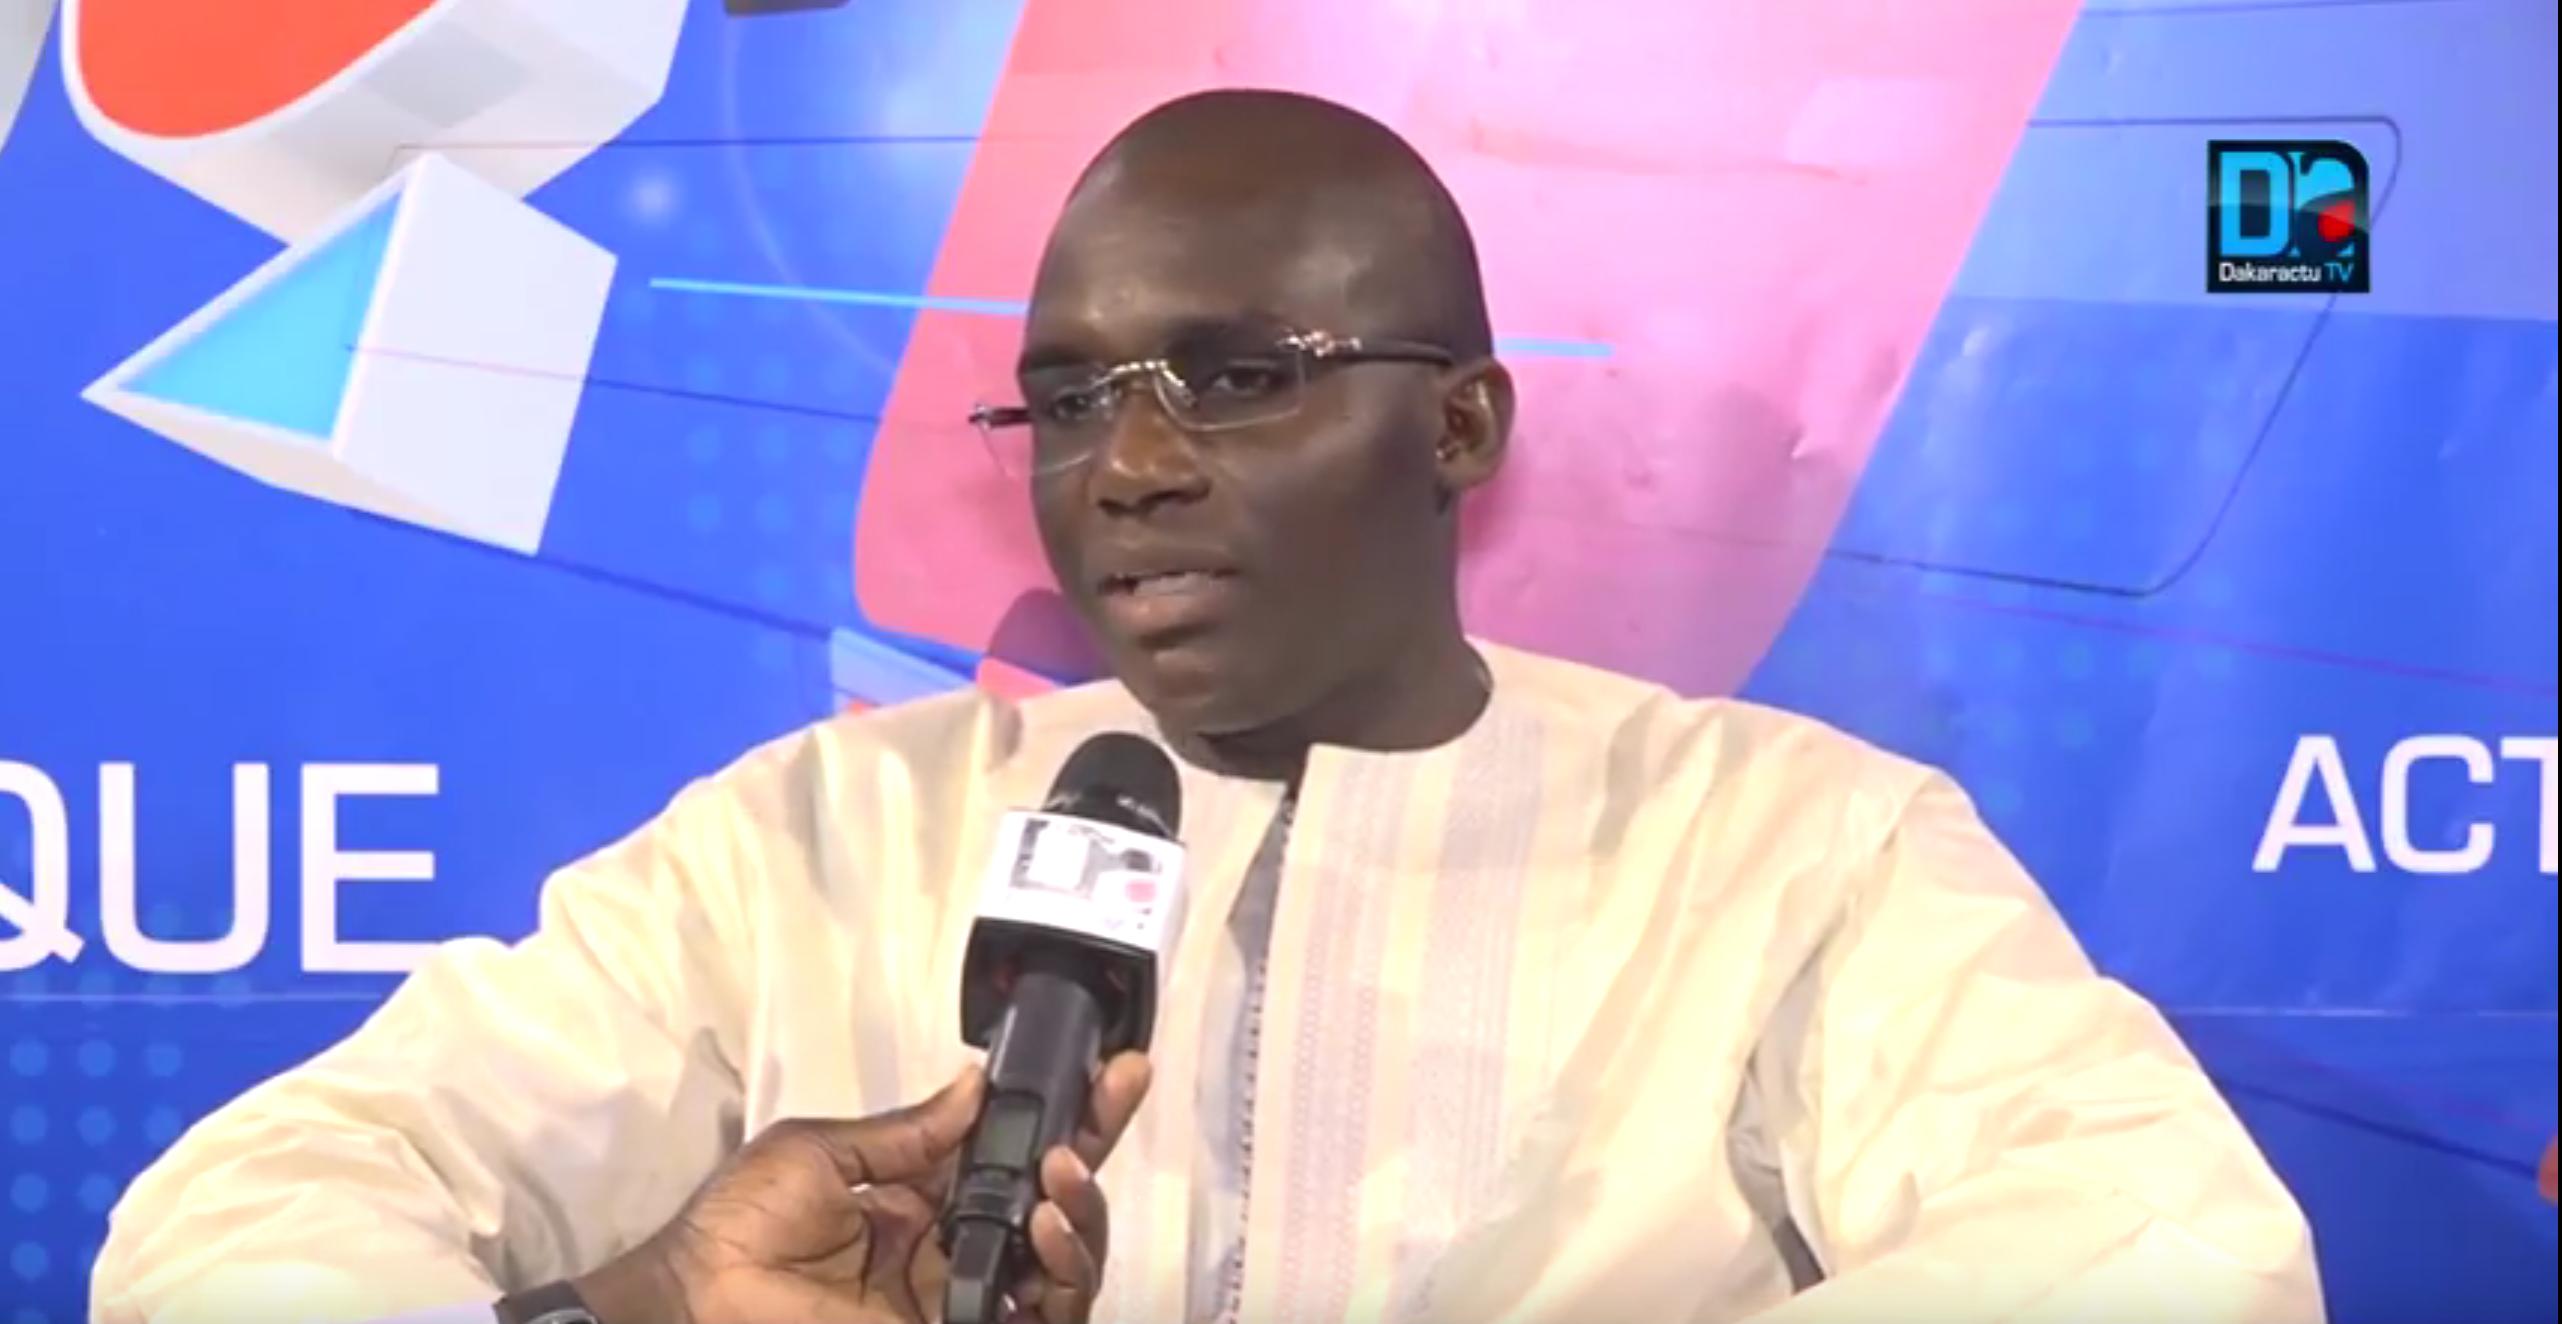 BBY Ouakam satisfait du travail abattu et appelle à resserrer les rangs